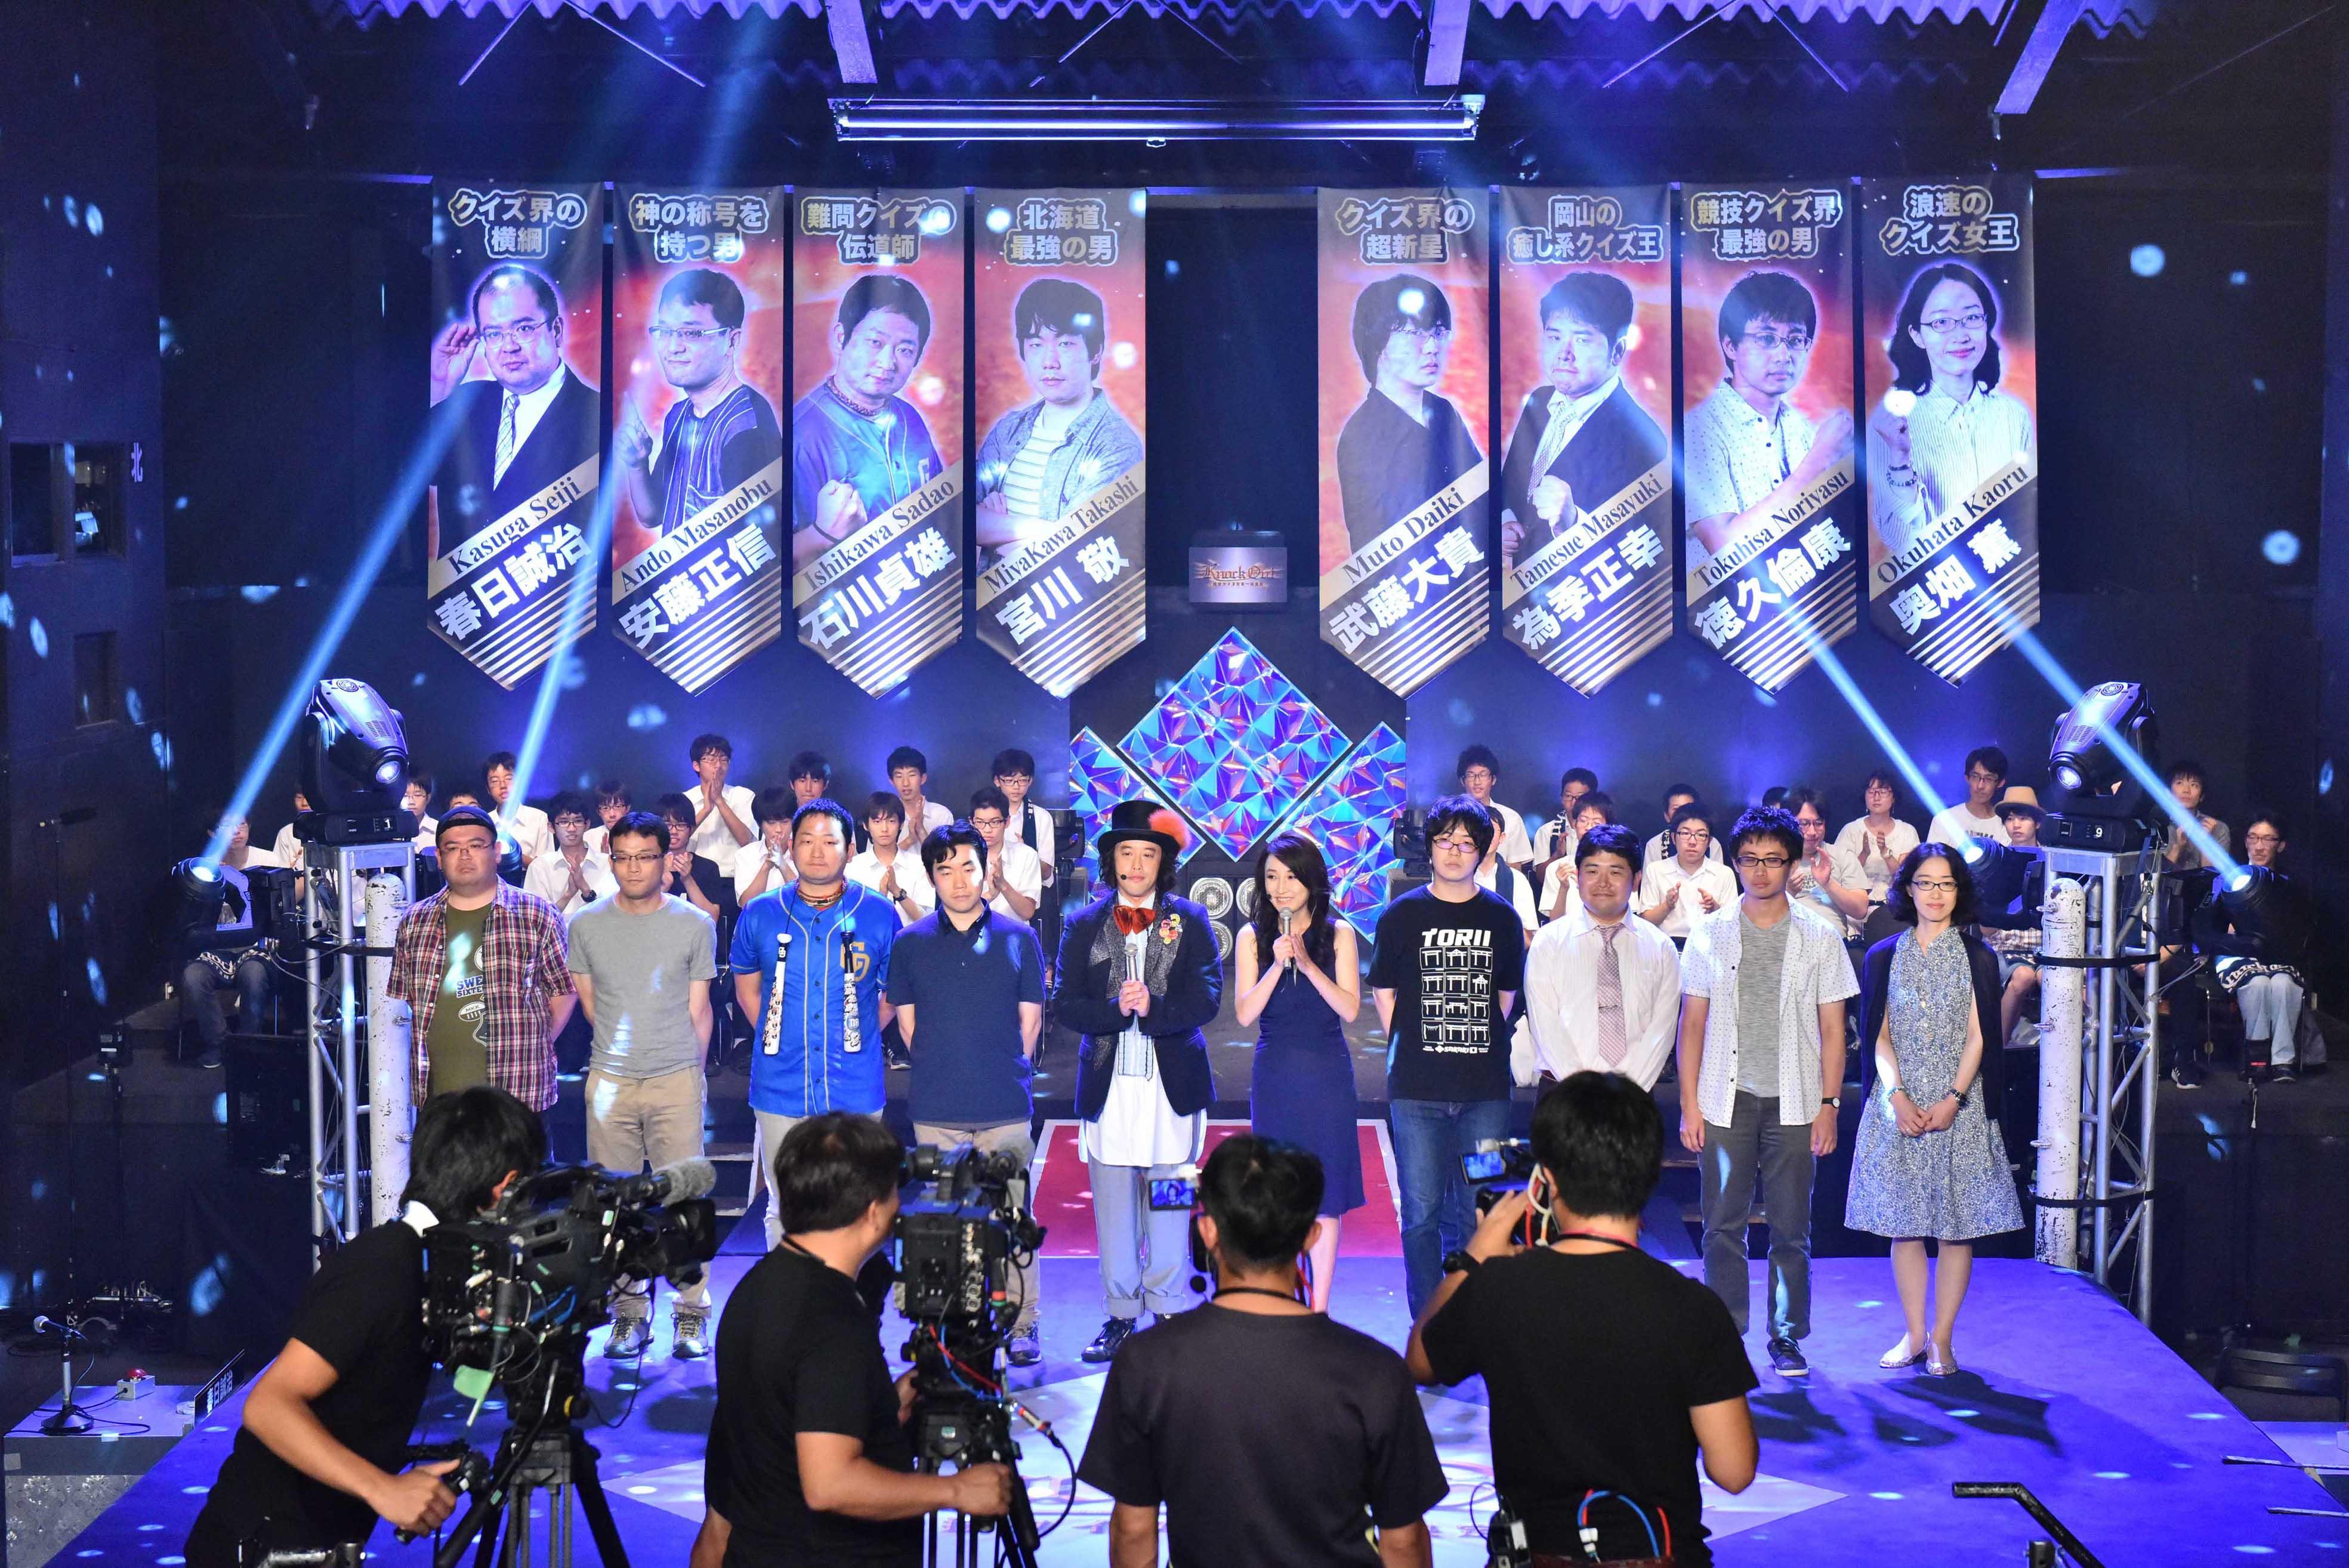 8月20日に『Knock Out~競技クイズ日本一決定戦~』決勝大会放送!日本一のクイズプレイヤーは誰だ!?